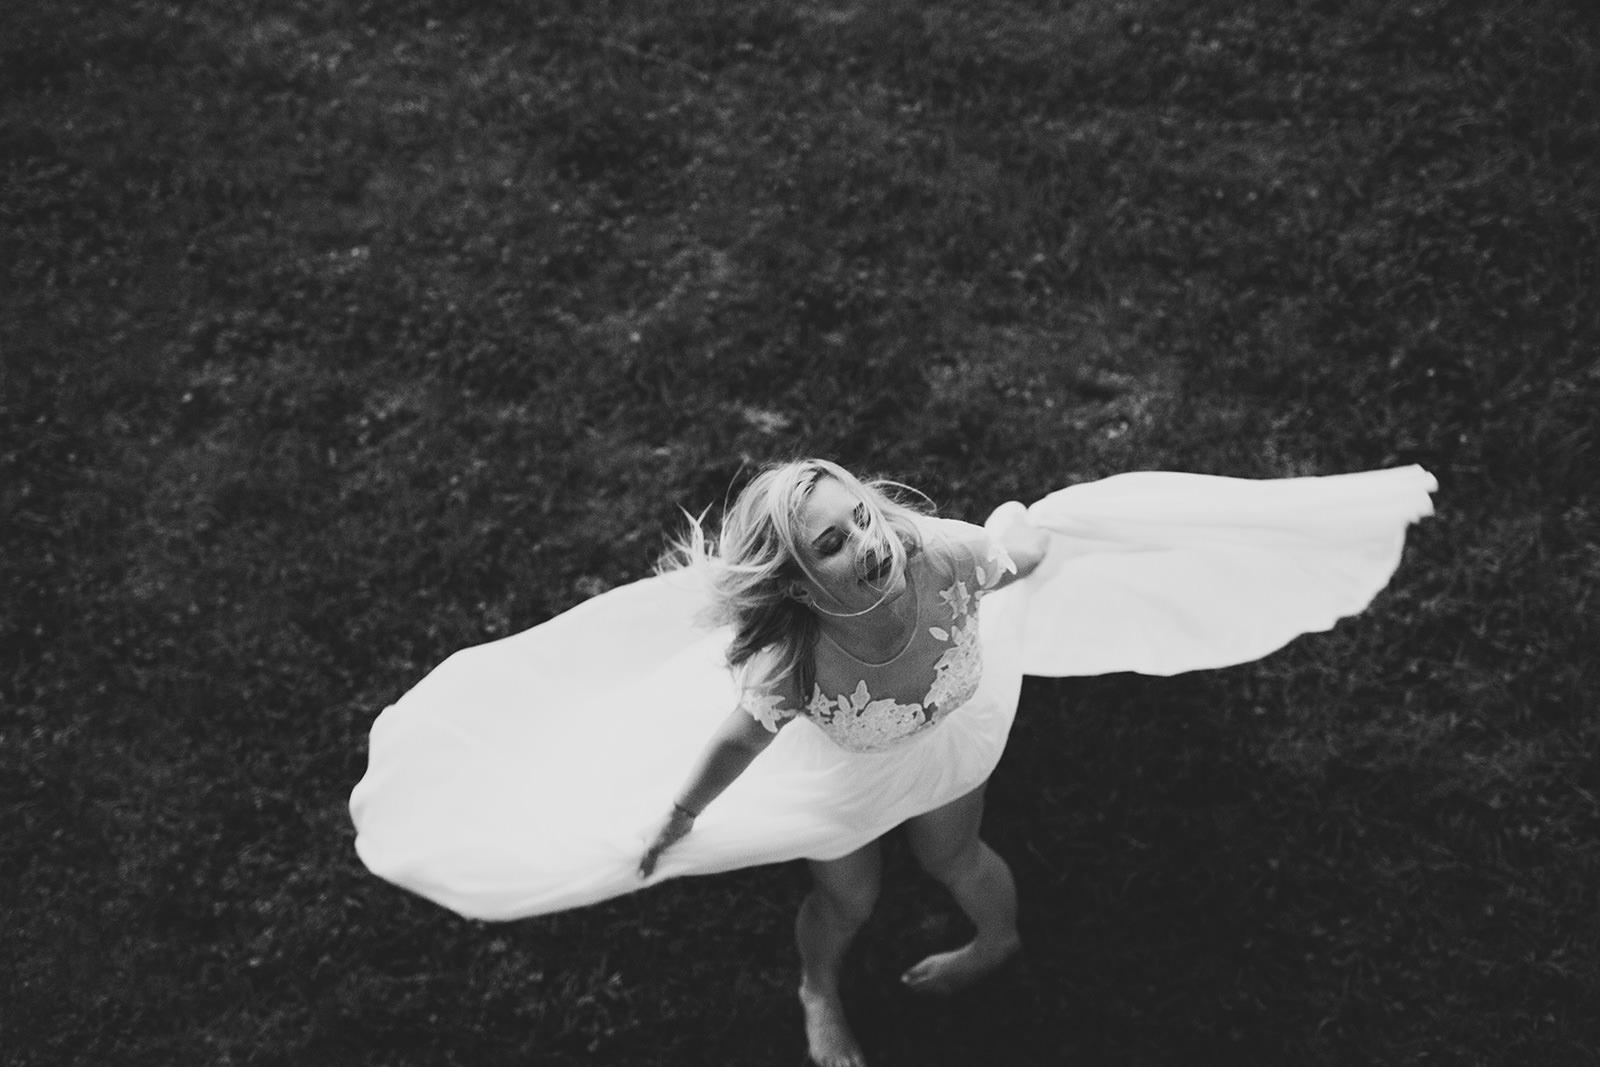 flowy lace wedding dress